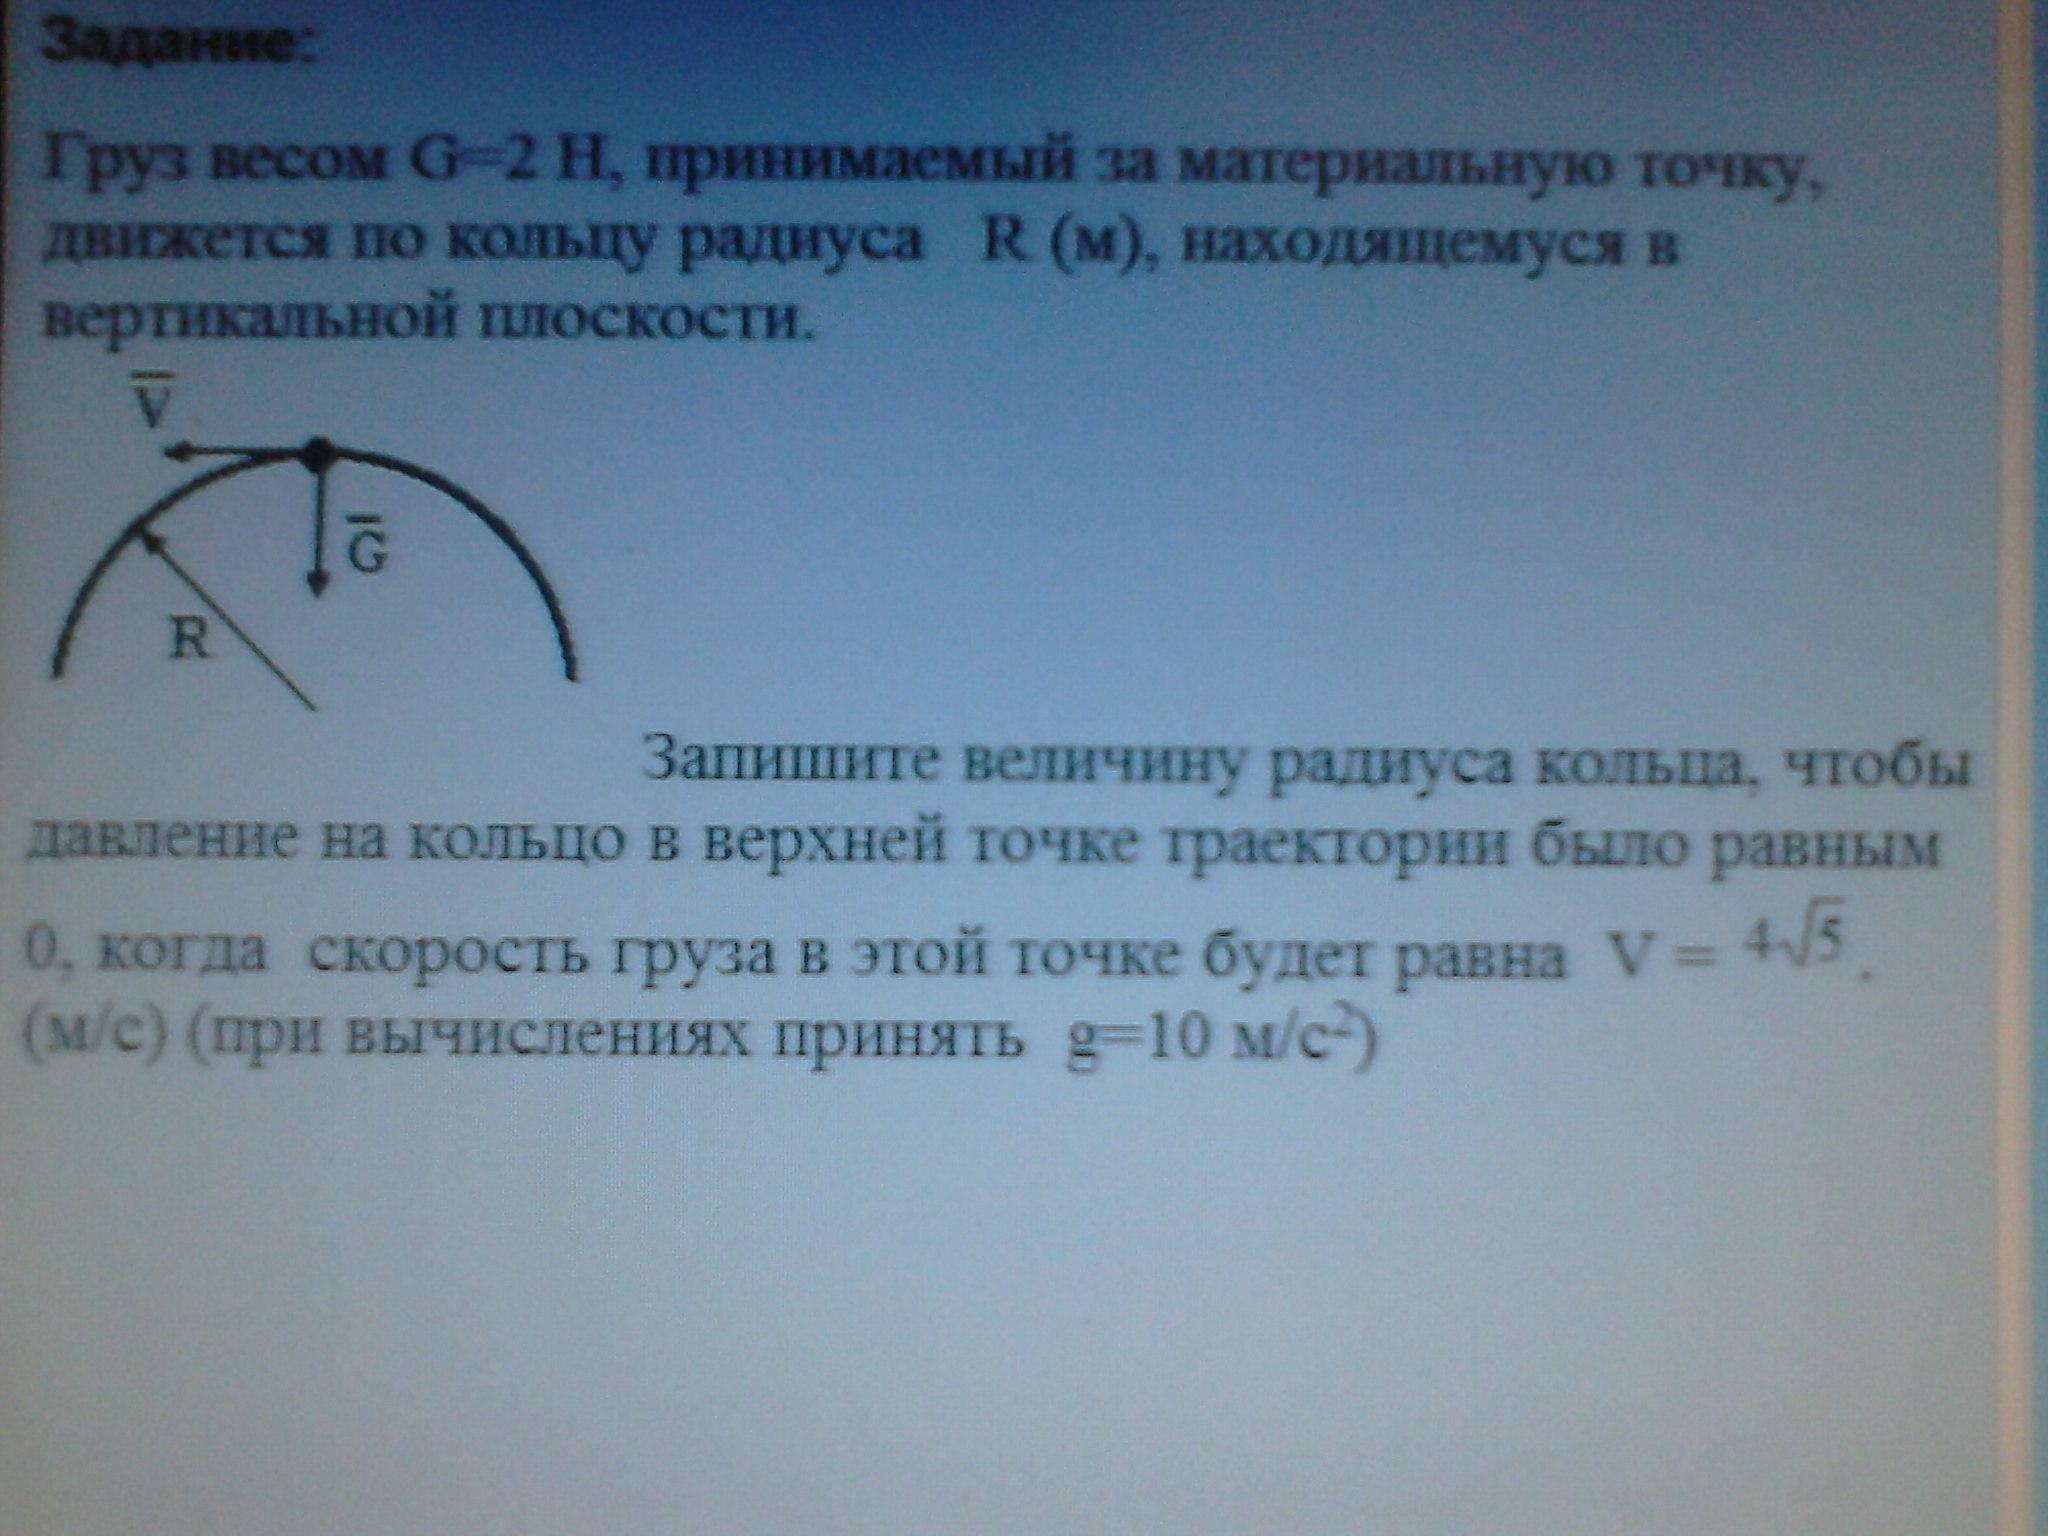 локтев краткий курс начертательной геометрии скачать бесплатно